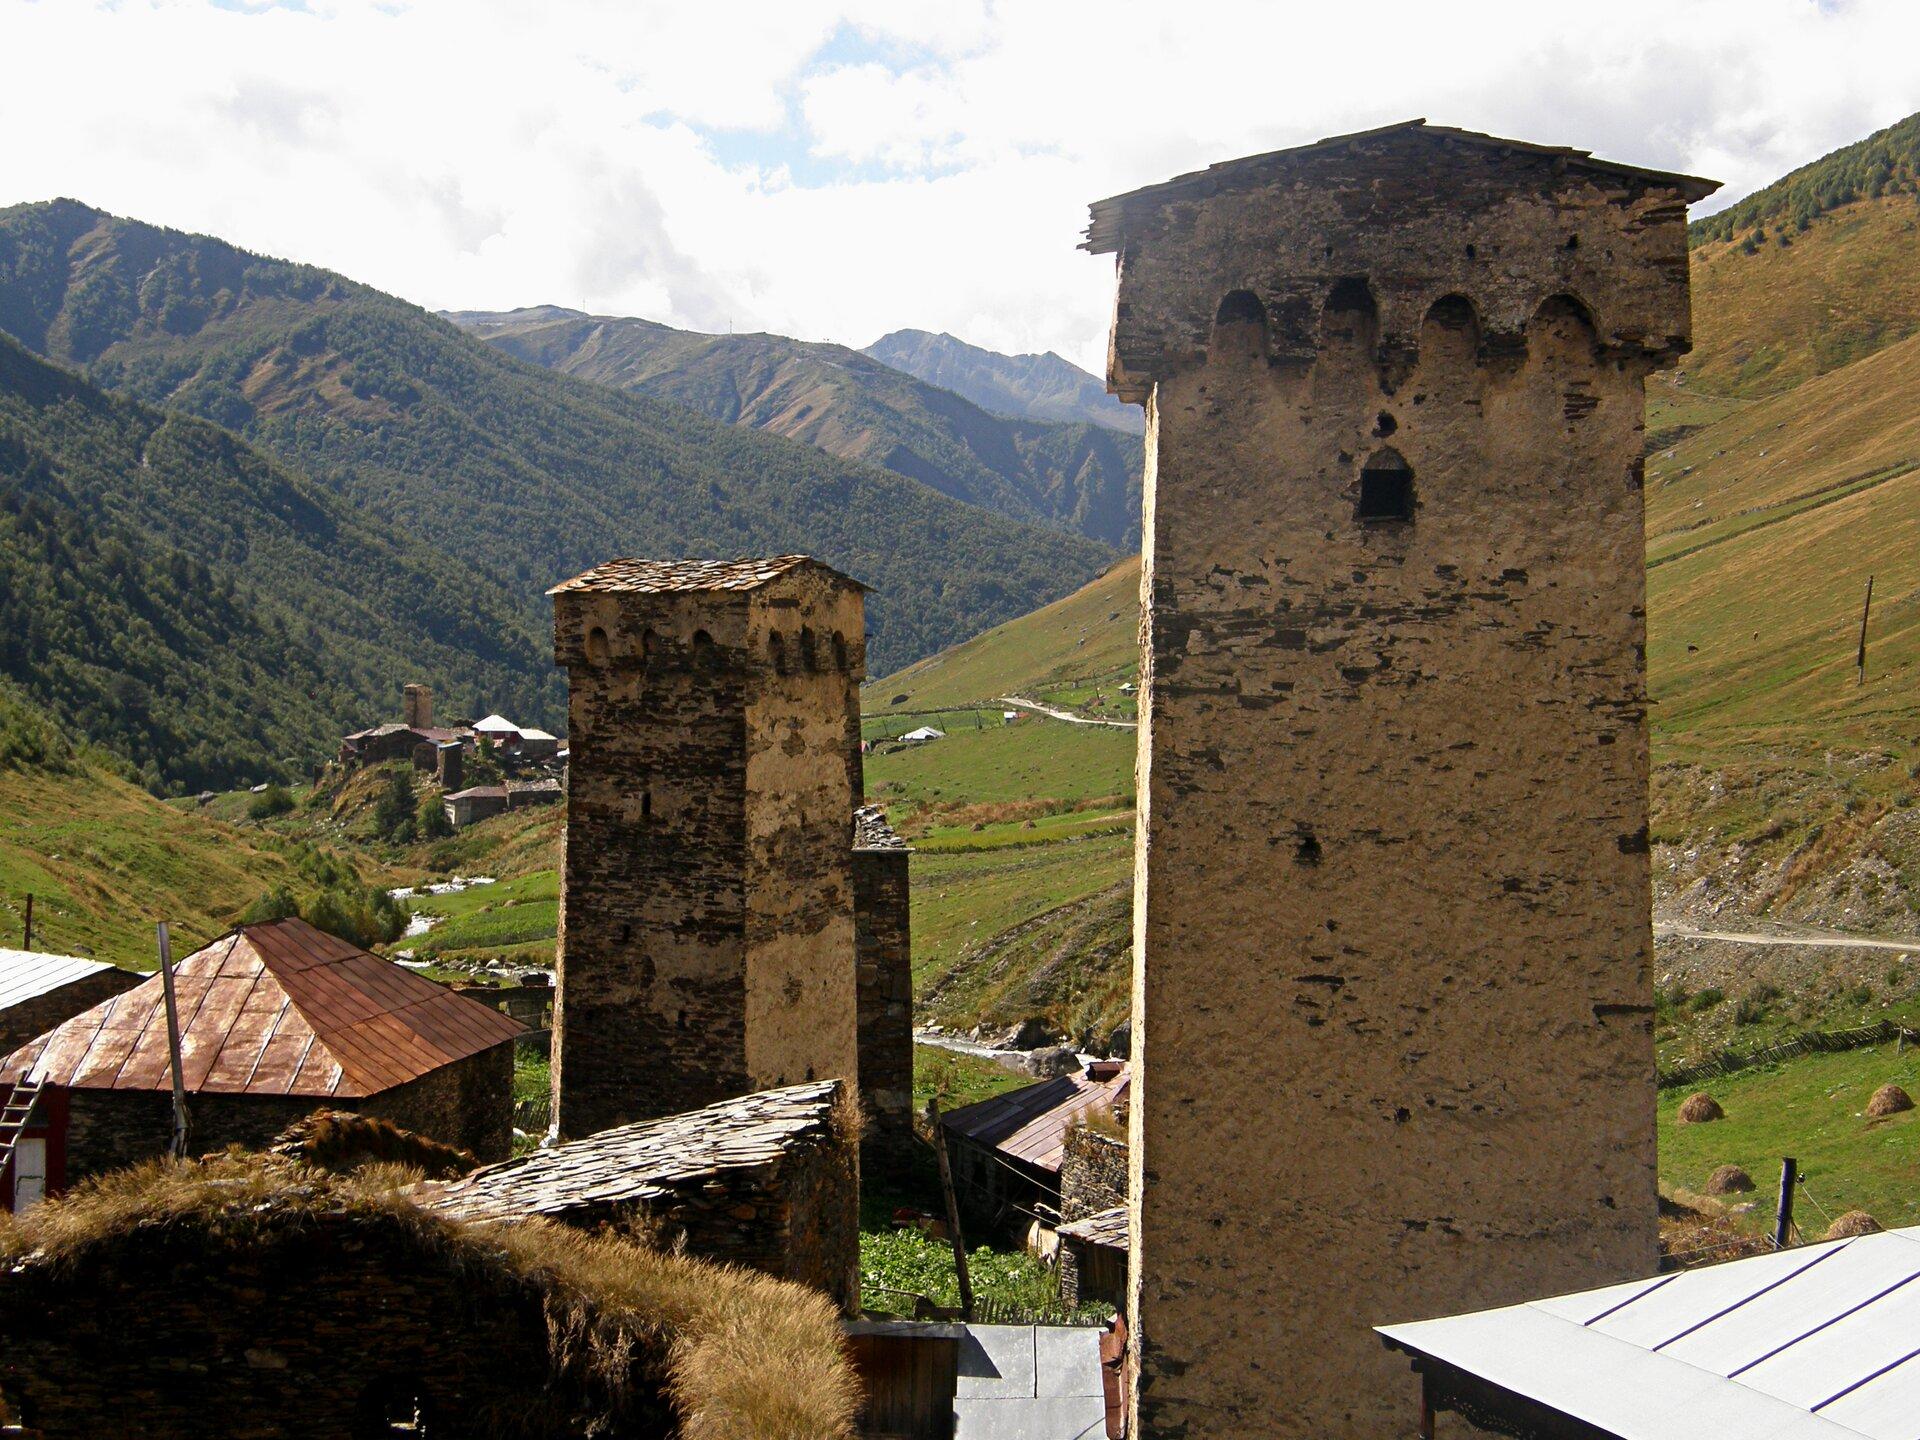 Gruzja, Swanetia Gruzja, Swanetia Źródło: Tomasz Maniewski, licencja: CC BY 3.0.